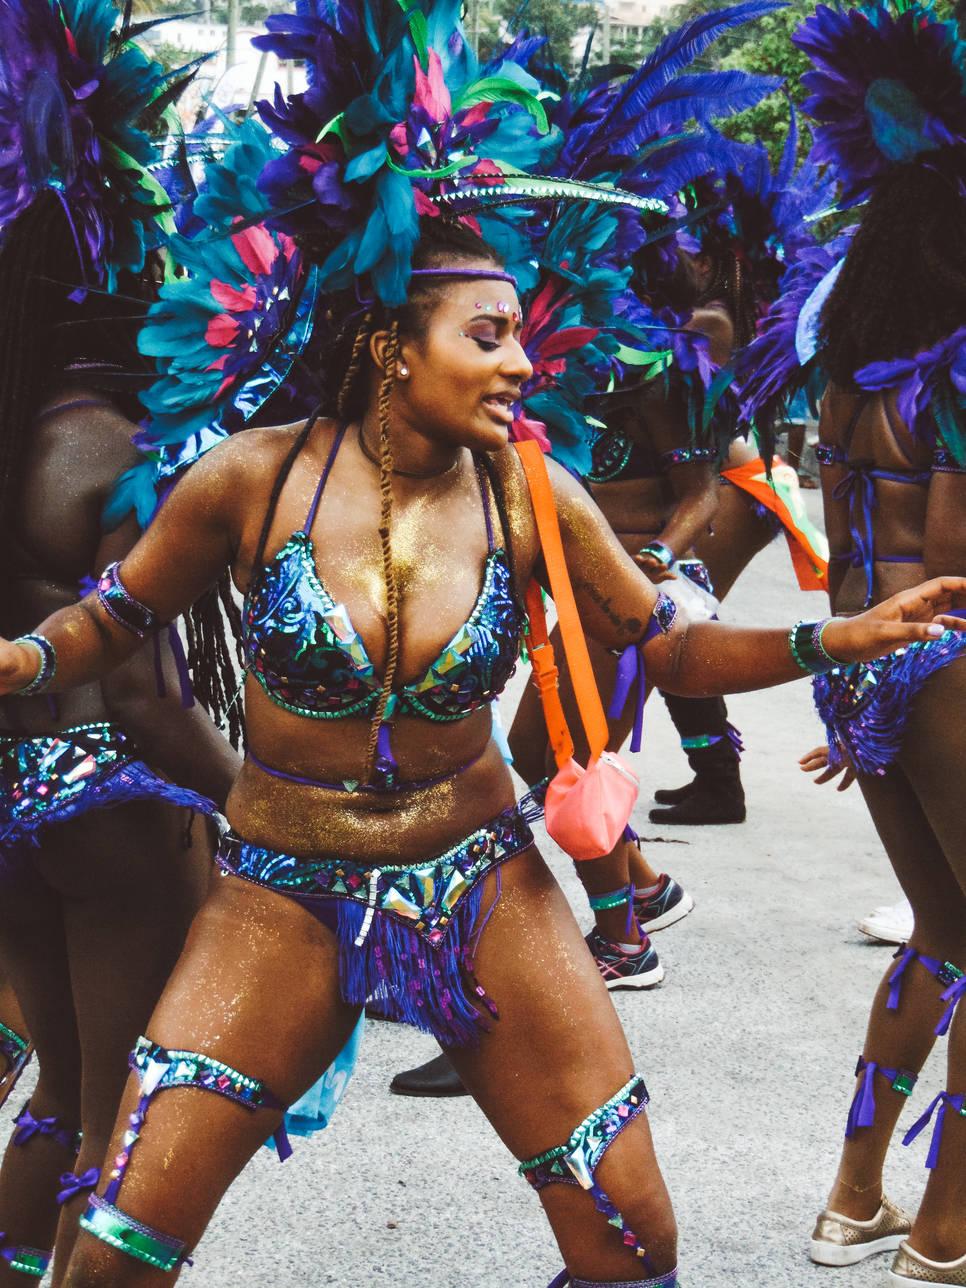 Spicemas Grenada Tips for a Newbie